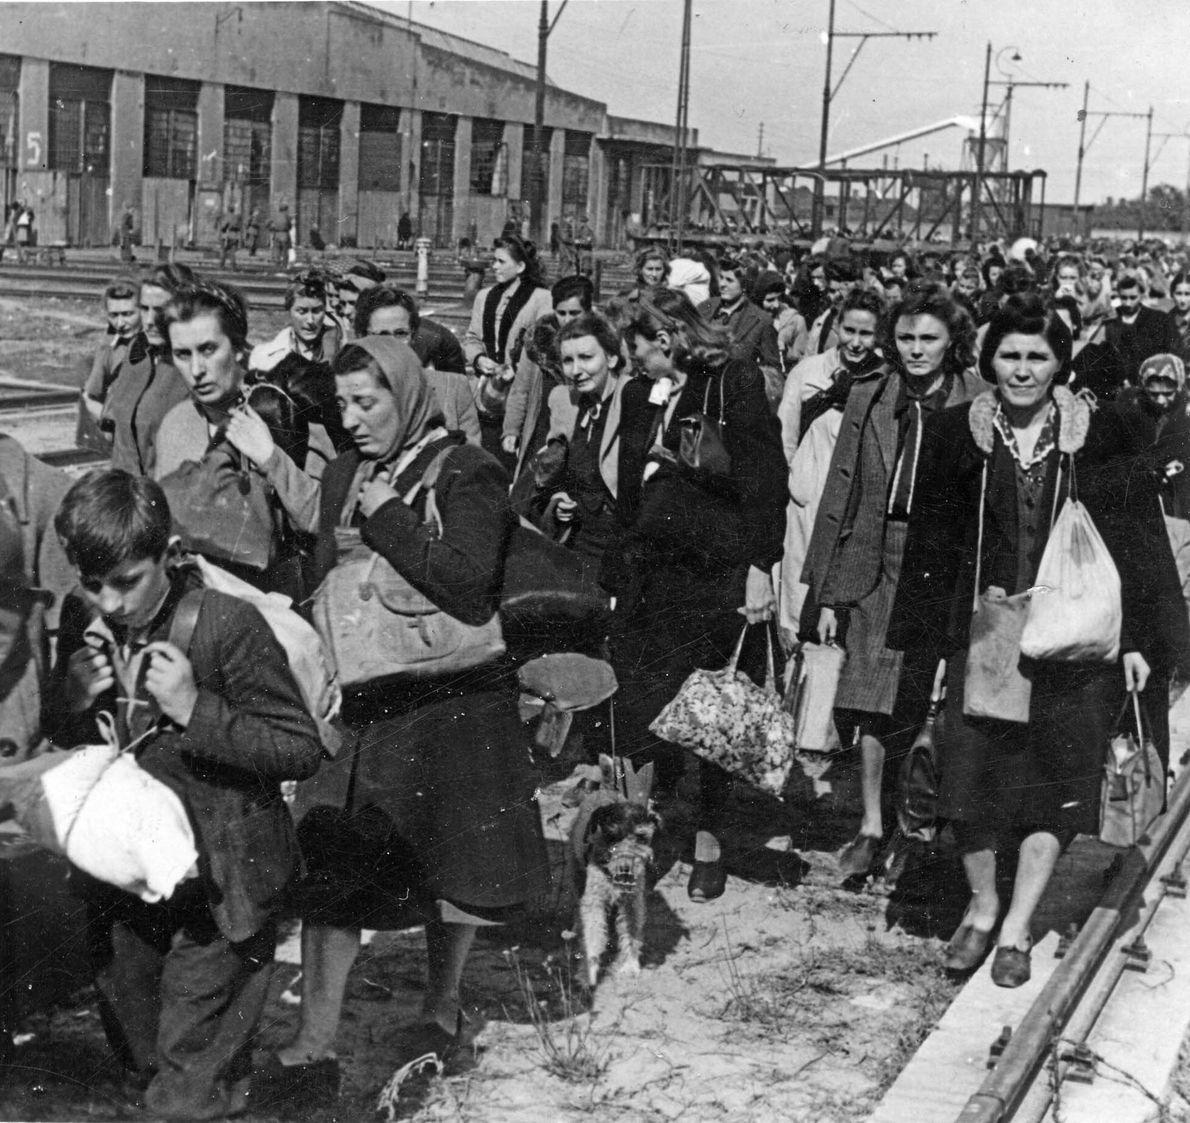 Polacos trasladados a campos de concentración